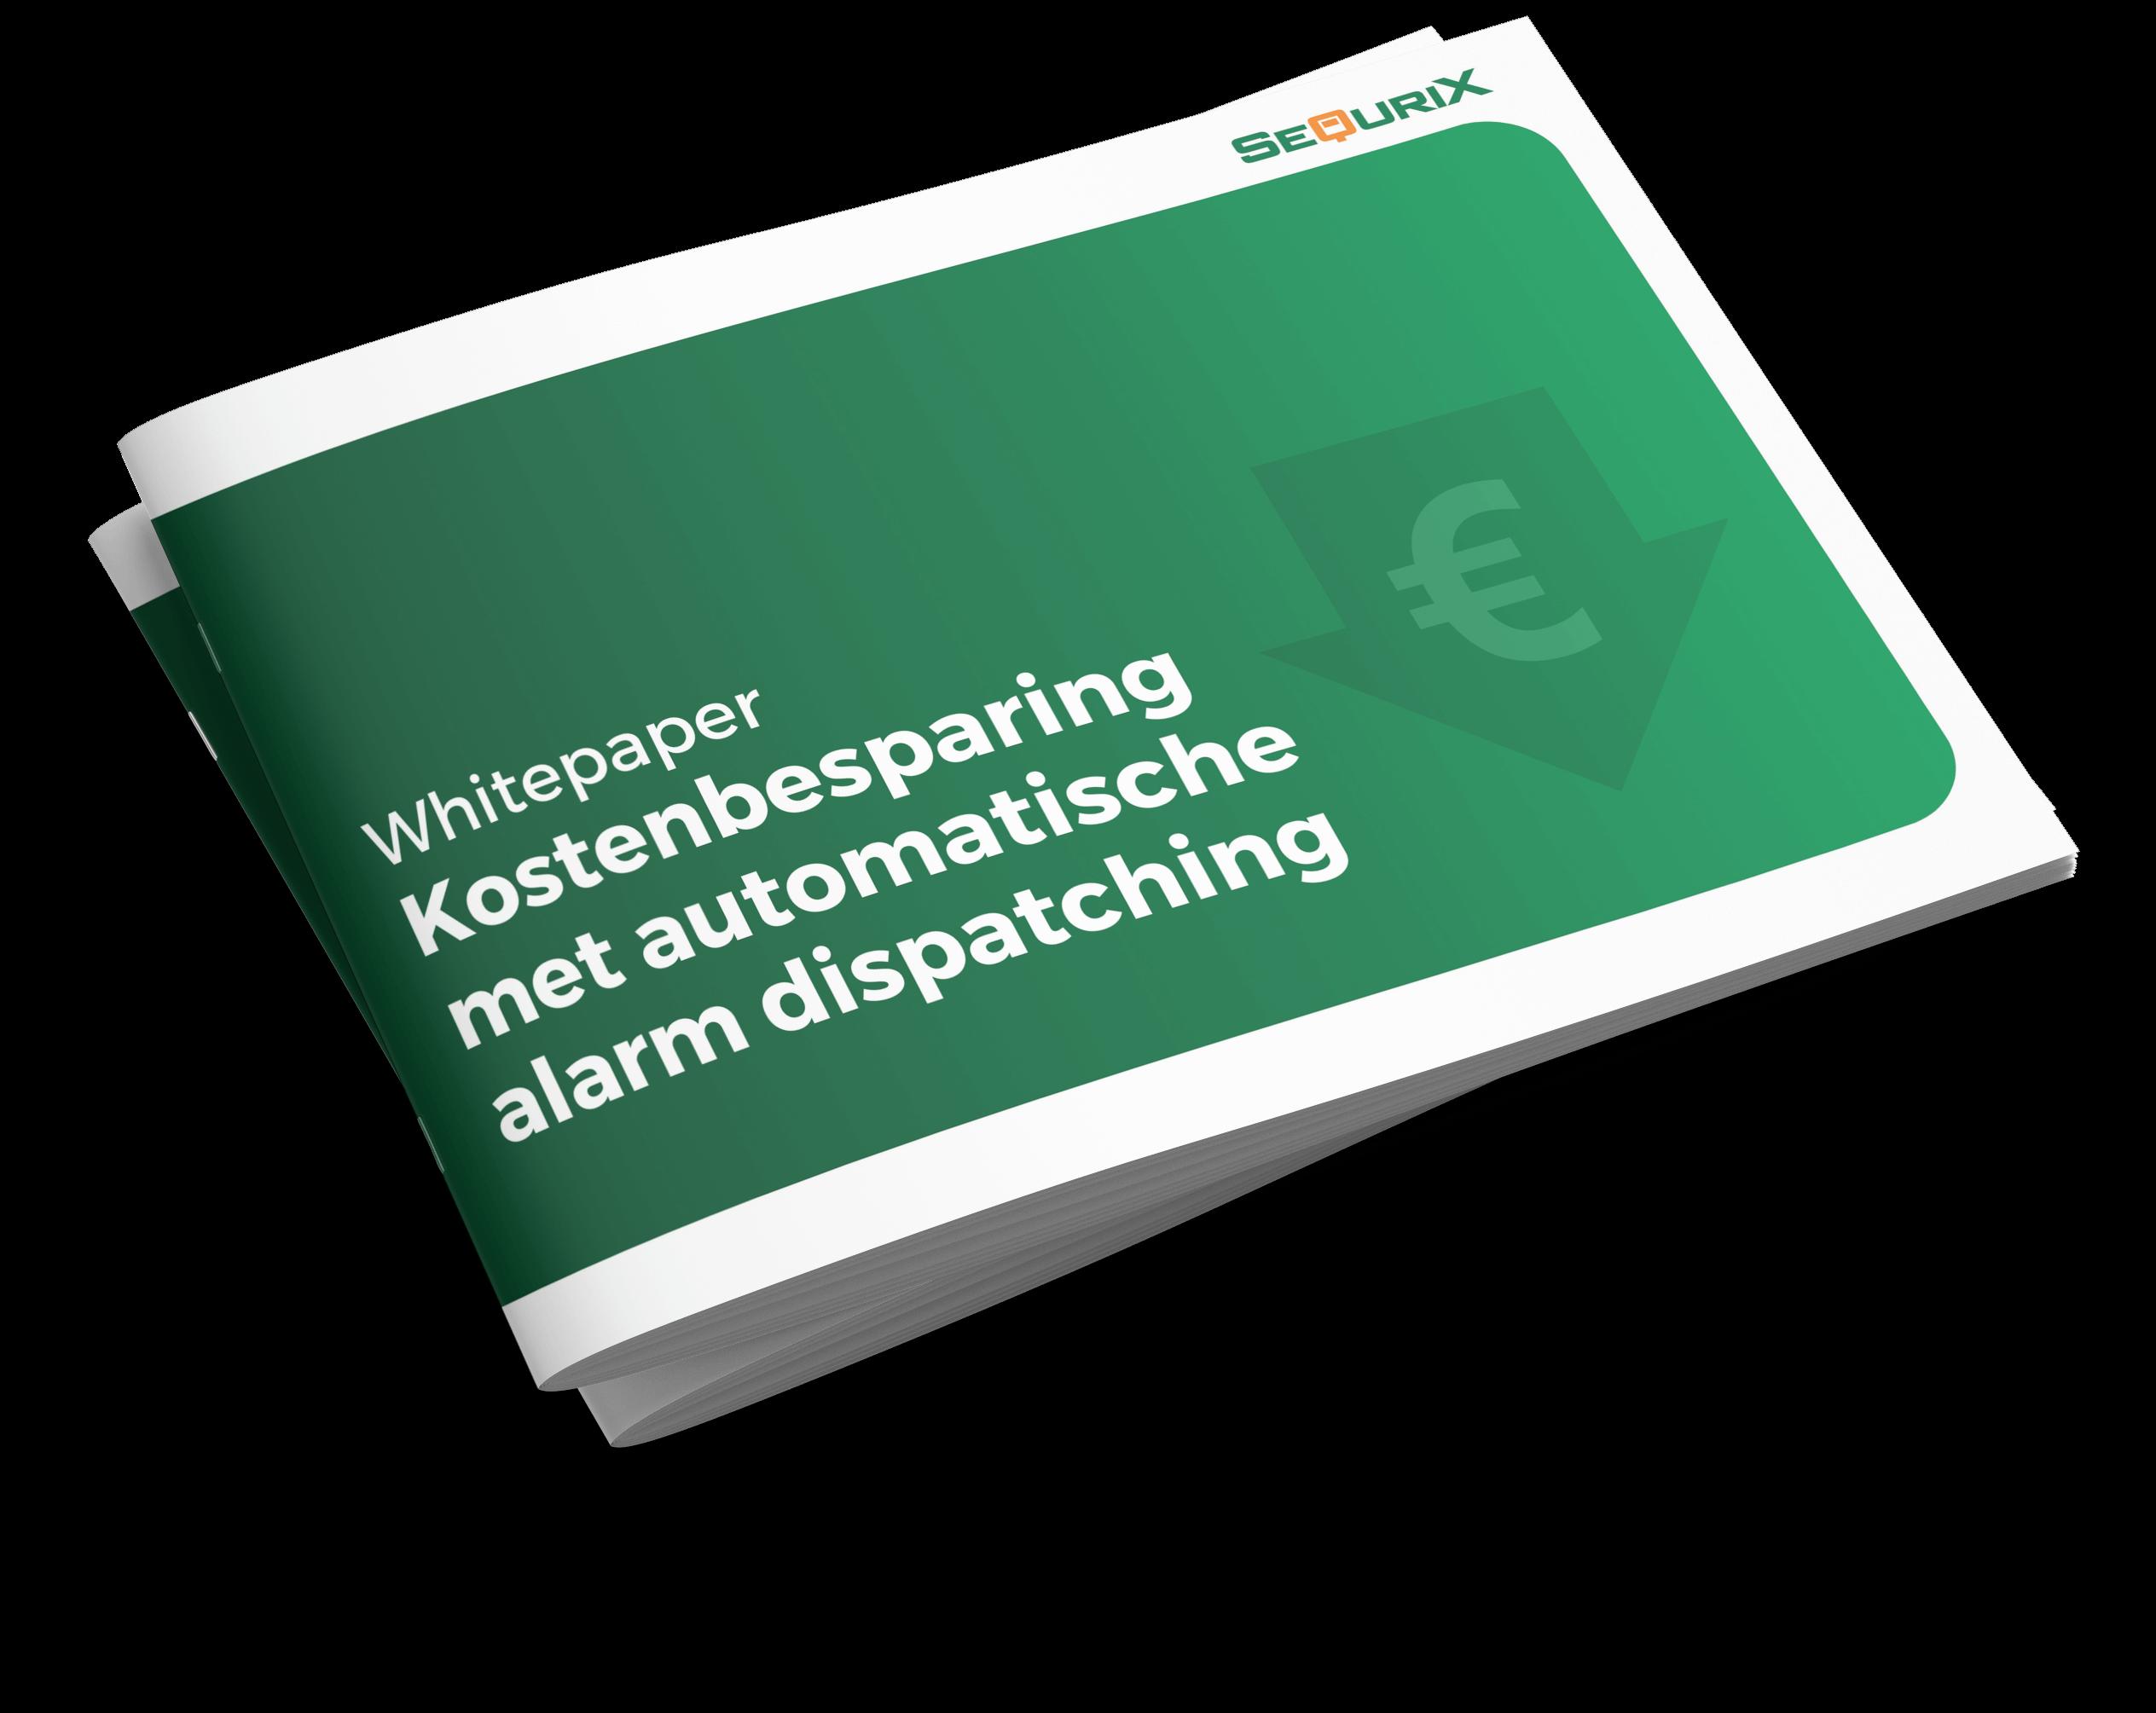 Whitepaper mockup kostenbesparing auomatische alarm